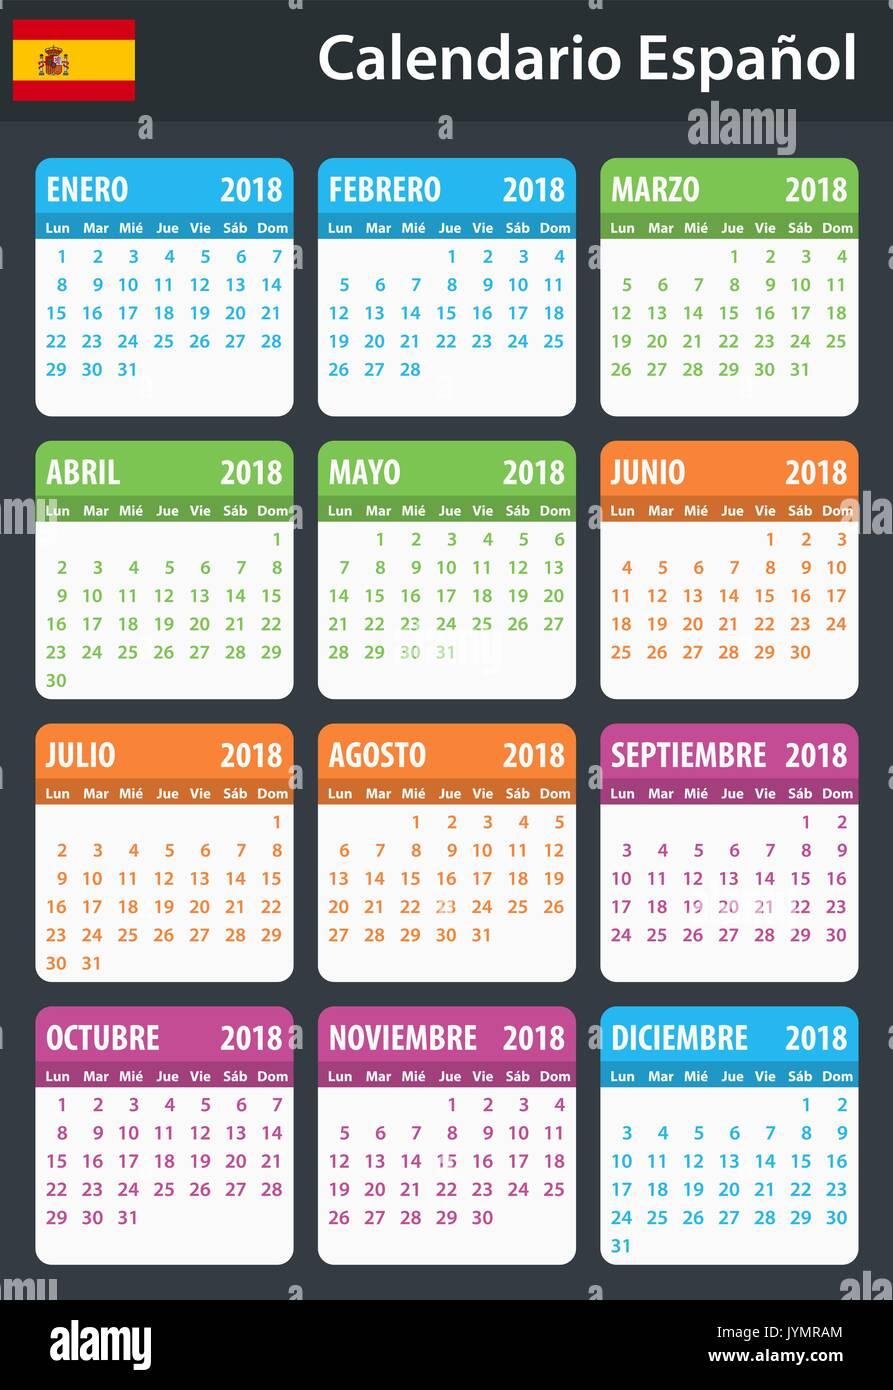 Spanisch Kalender für 2018. Scheduler, Agenda oder Tagebuch Vorlage ...